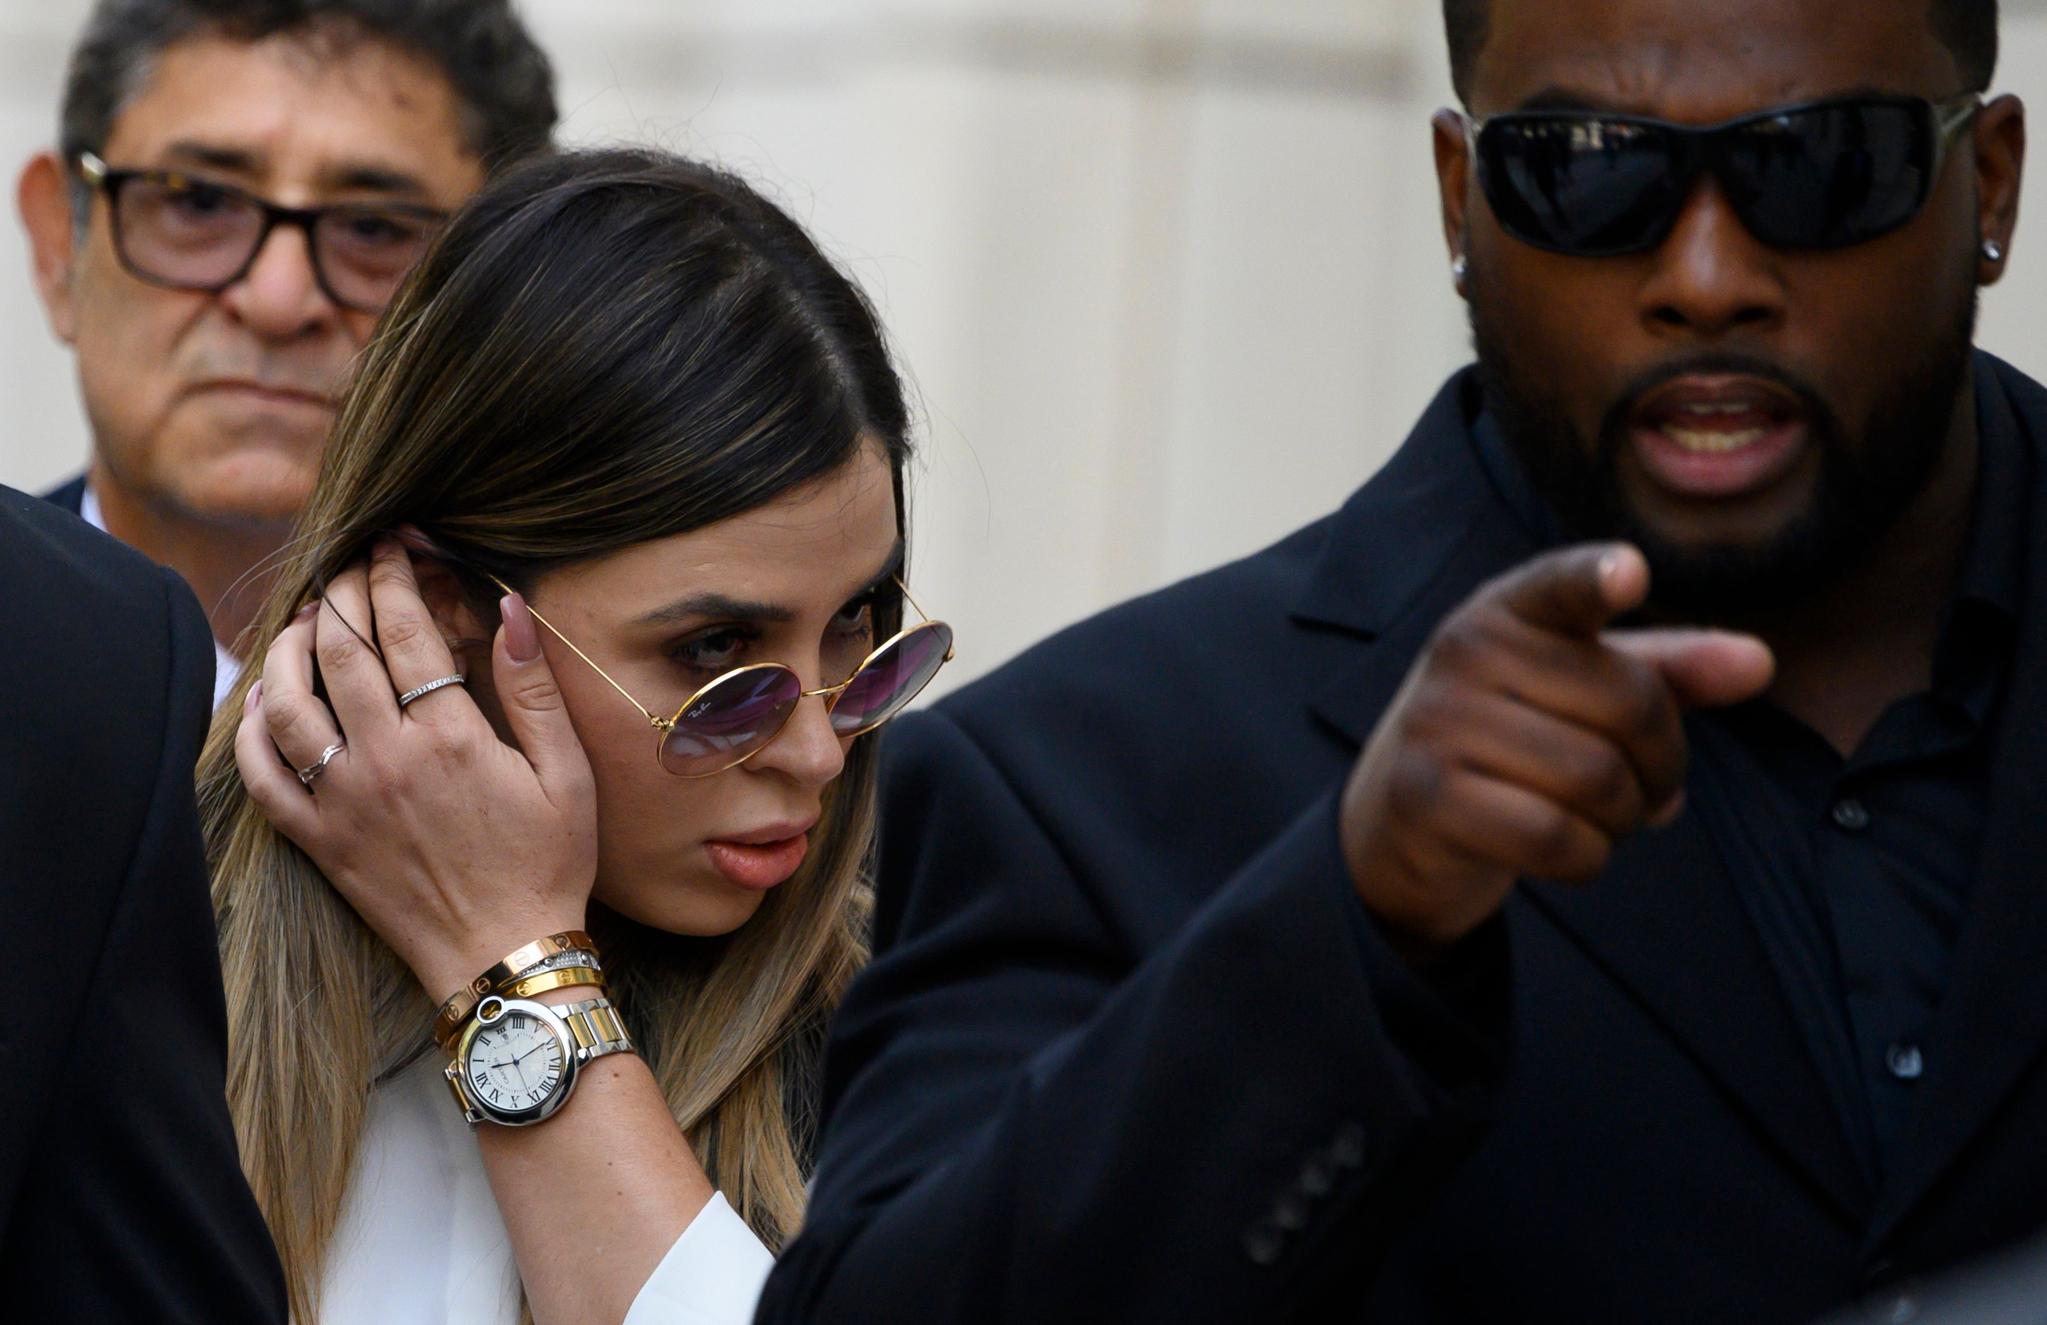 구스만의 아내인 엠마 코로넬(Erma Coronel)이 17일(현지시간) 브루클린 연방 법원을 빠져나가고 있다. [AFP=연합뉴스]